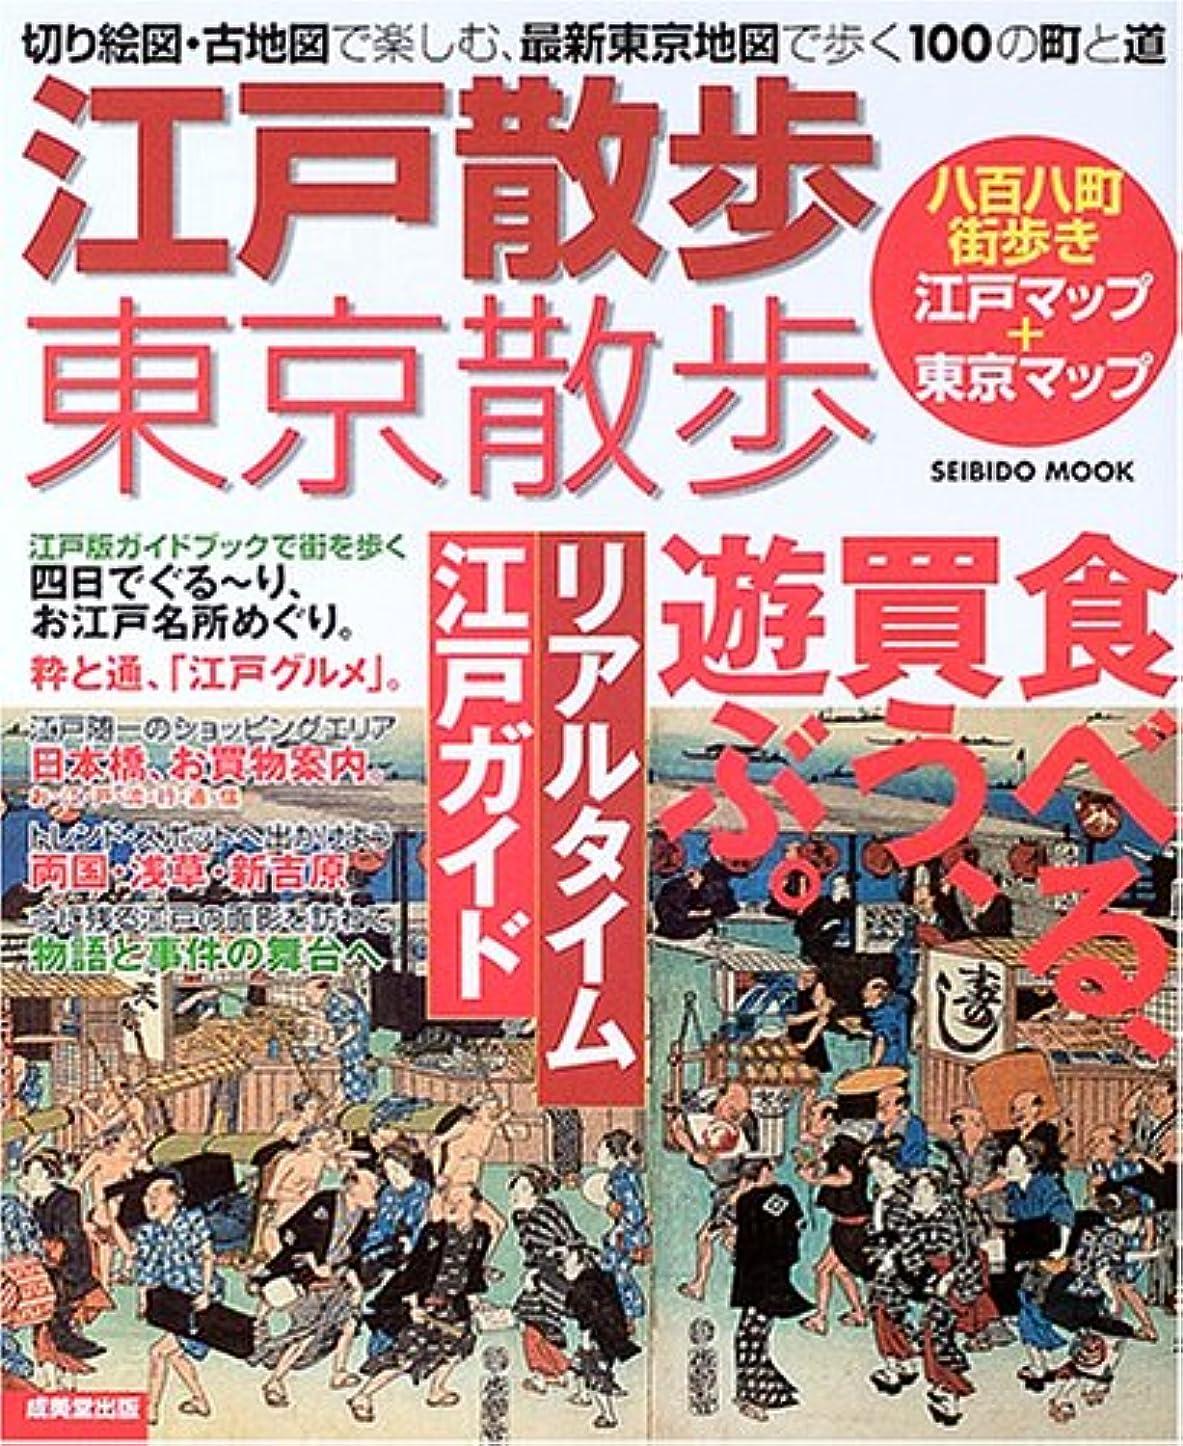 パネル尽きる手のひら江戸散歩?東京散歩―切り絵図?古地図で楽しむ、最新東京地図で歩く100の町と道 (Seibido mook)